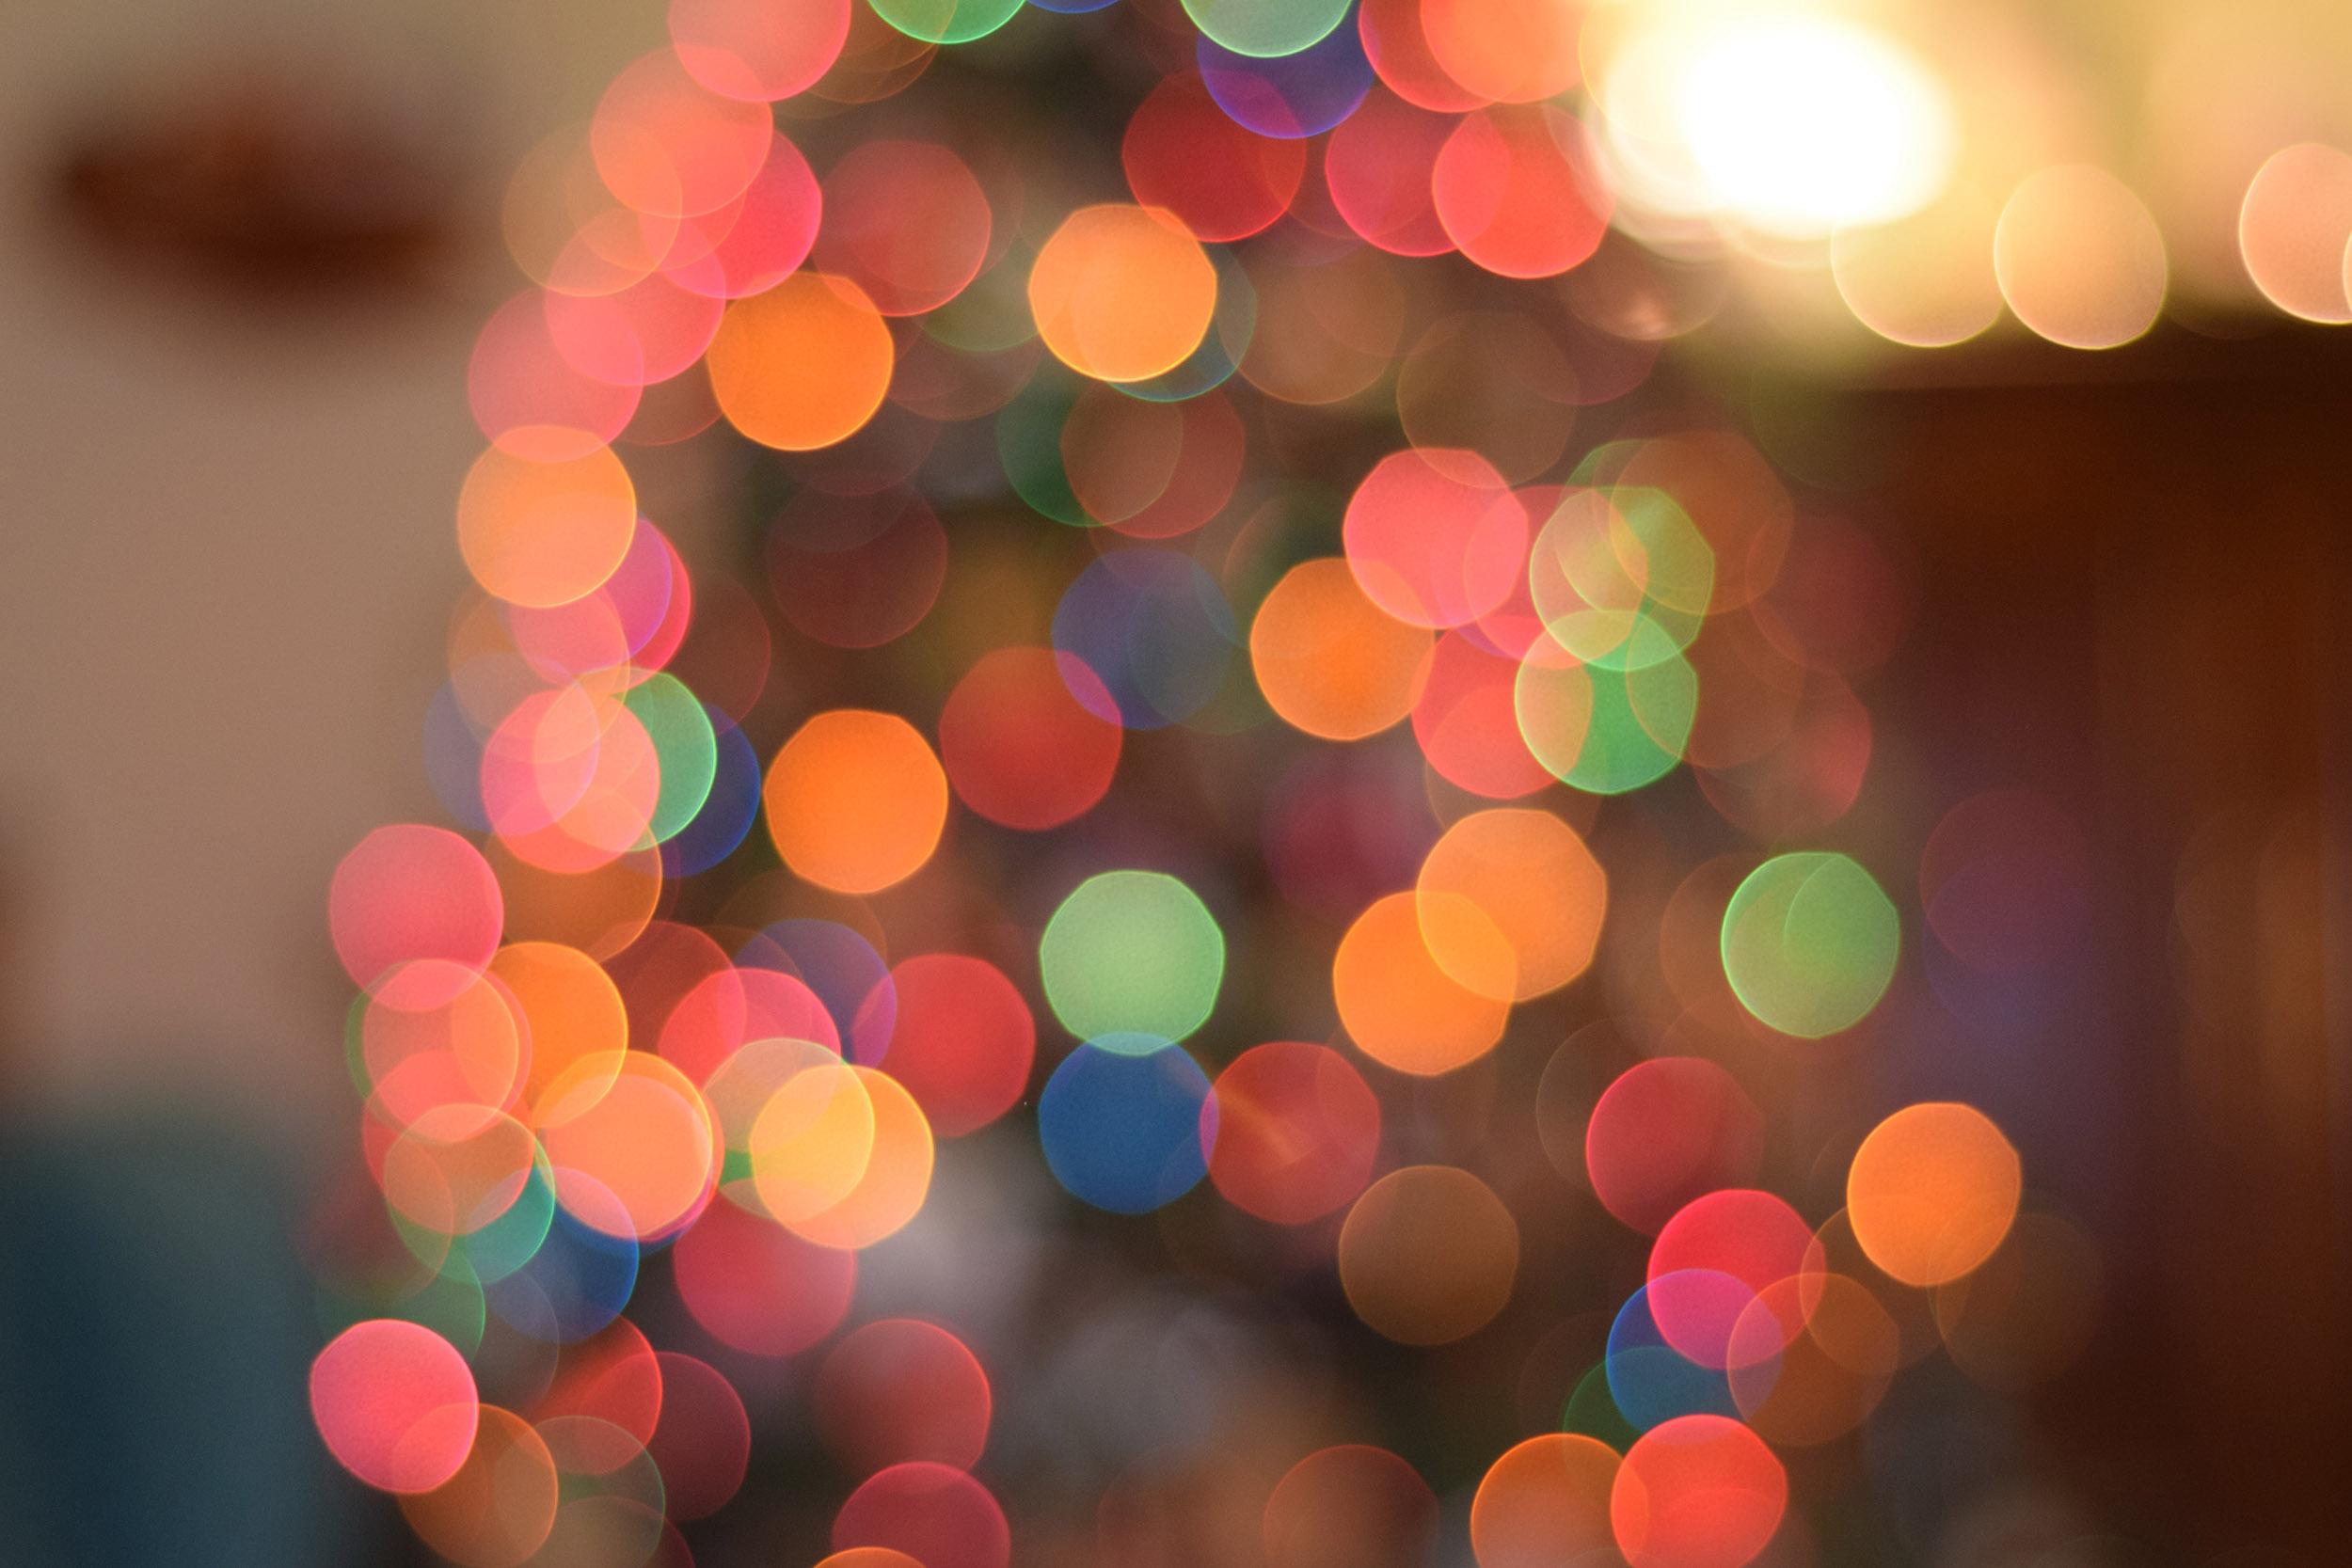 Fotografiar un árbol de Navidad de forma innovadora